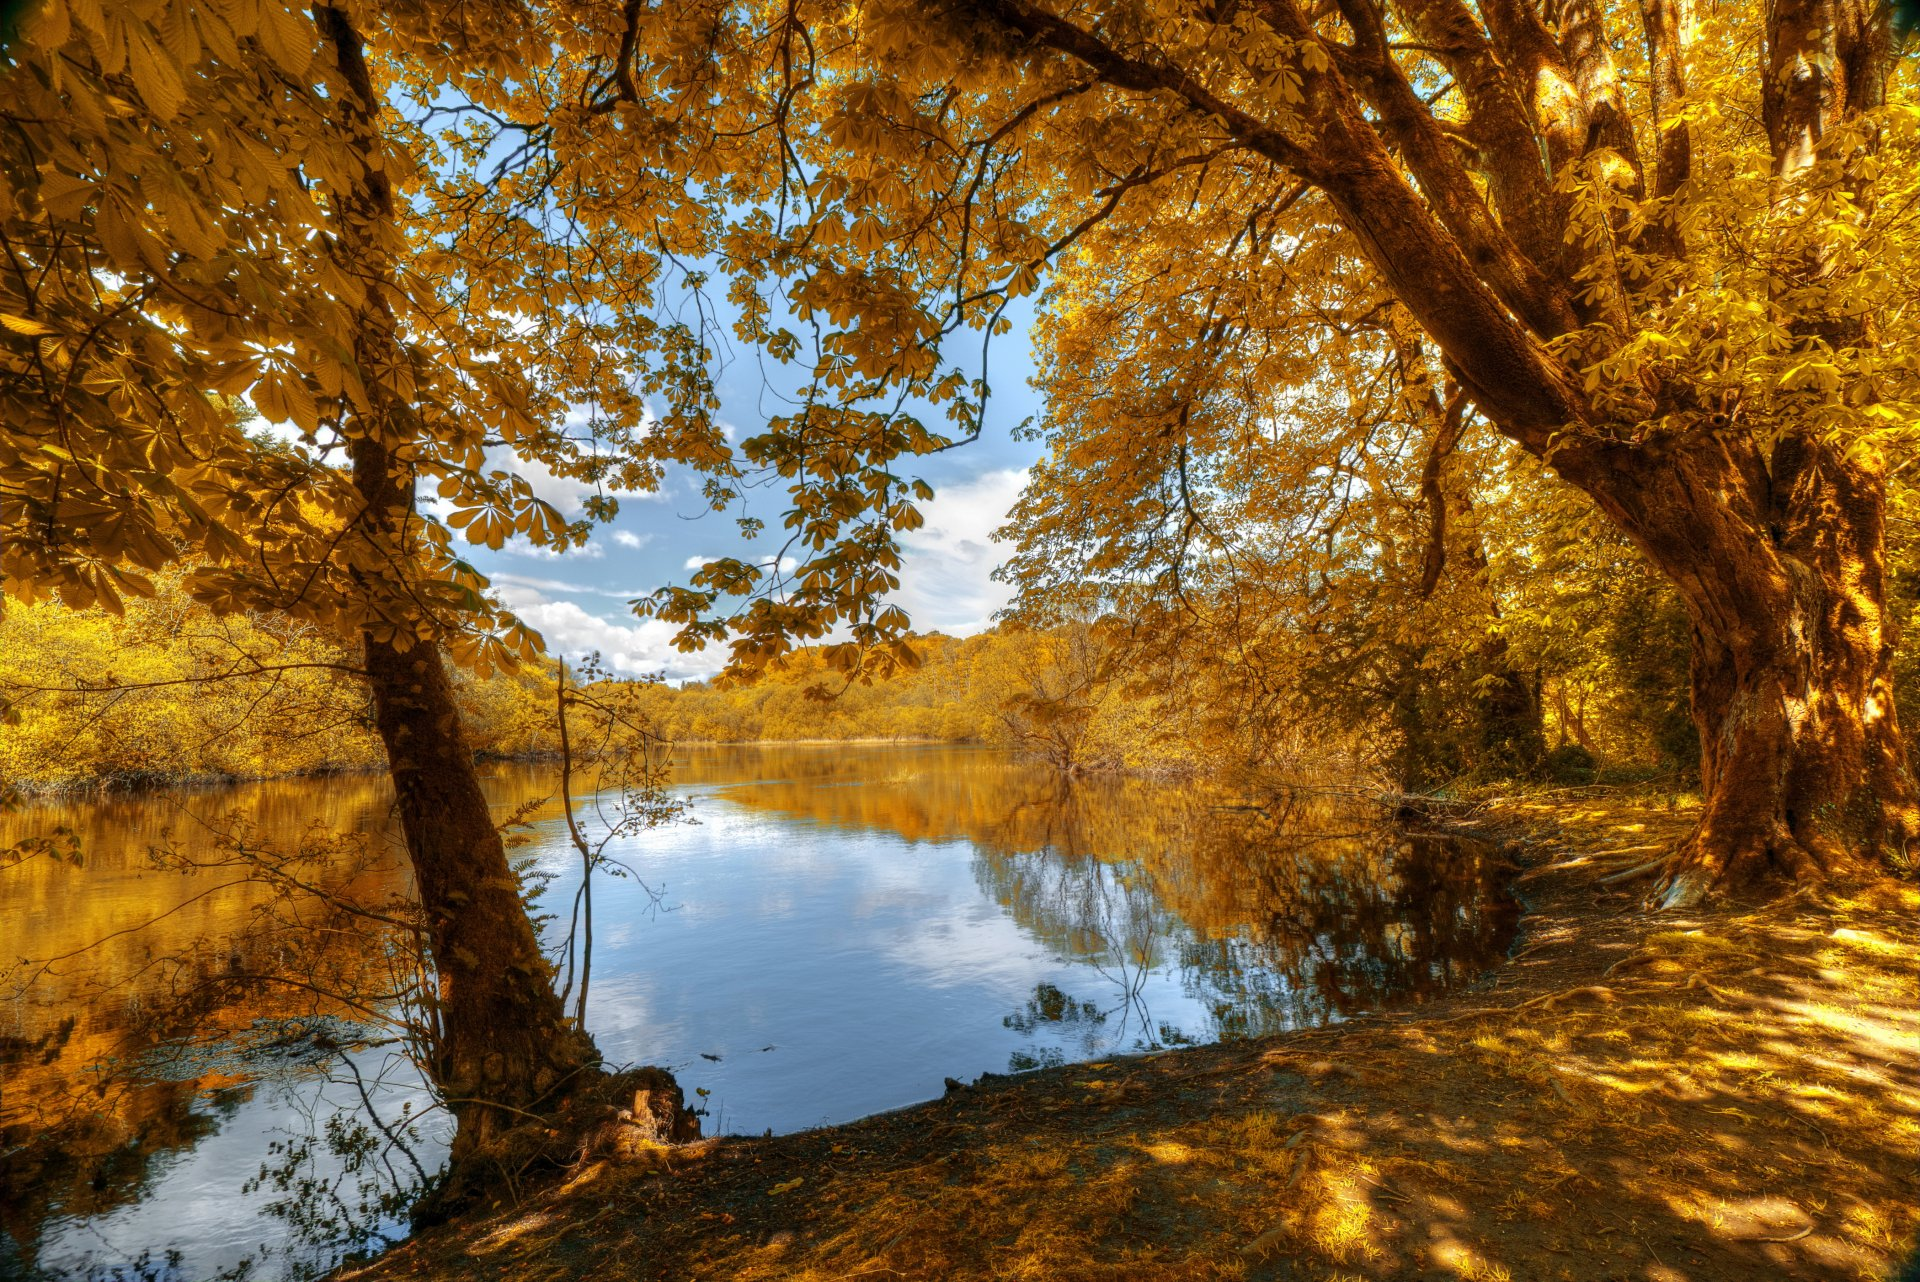 золотая осень лучшие фотопейзажи девушки женщины